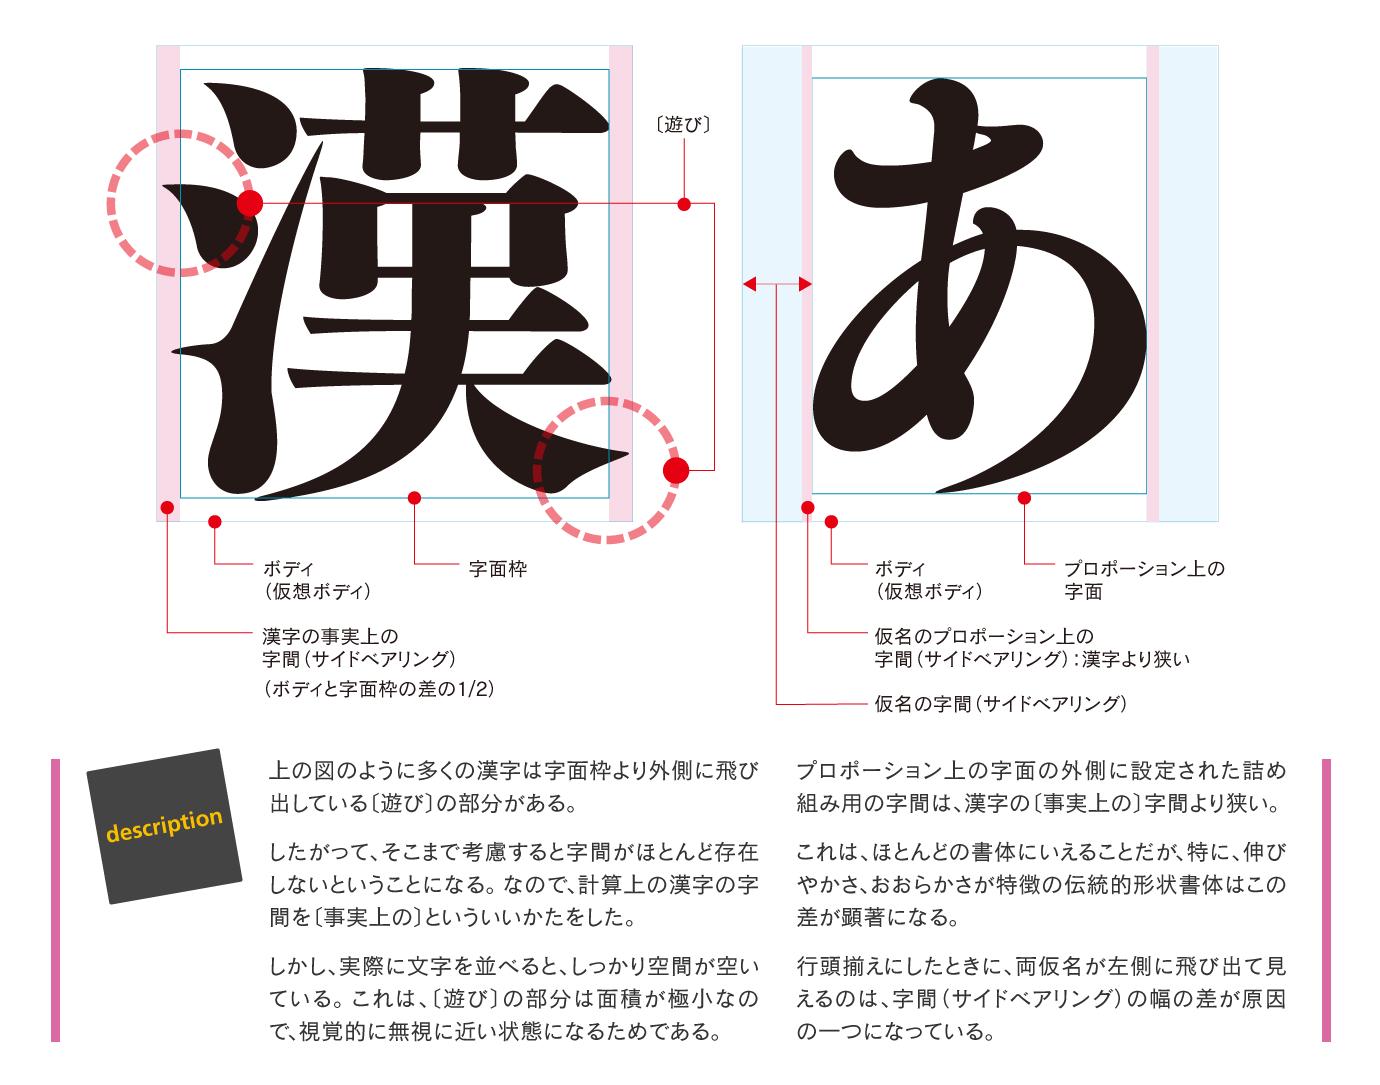 両仮名のサイドベアリングが漢字のそれより狭い